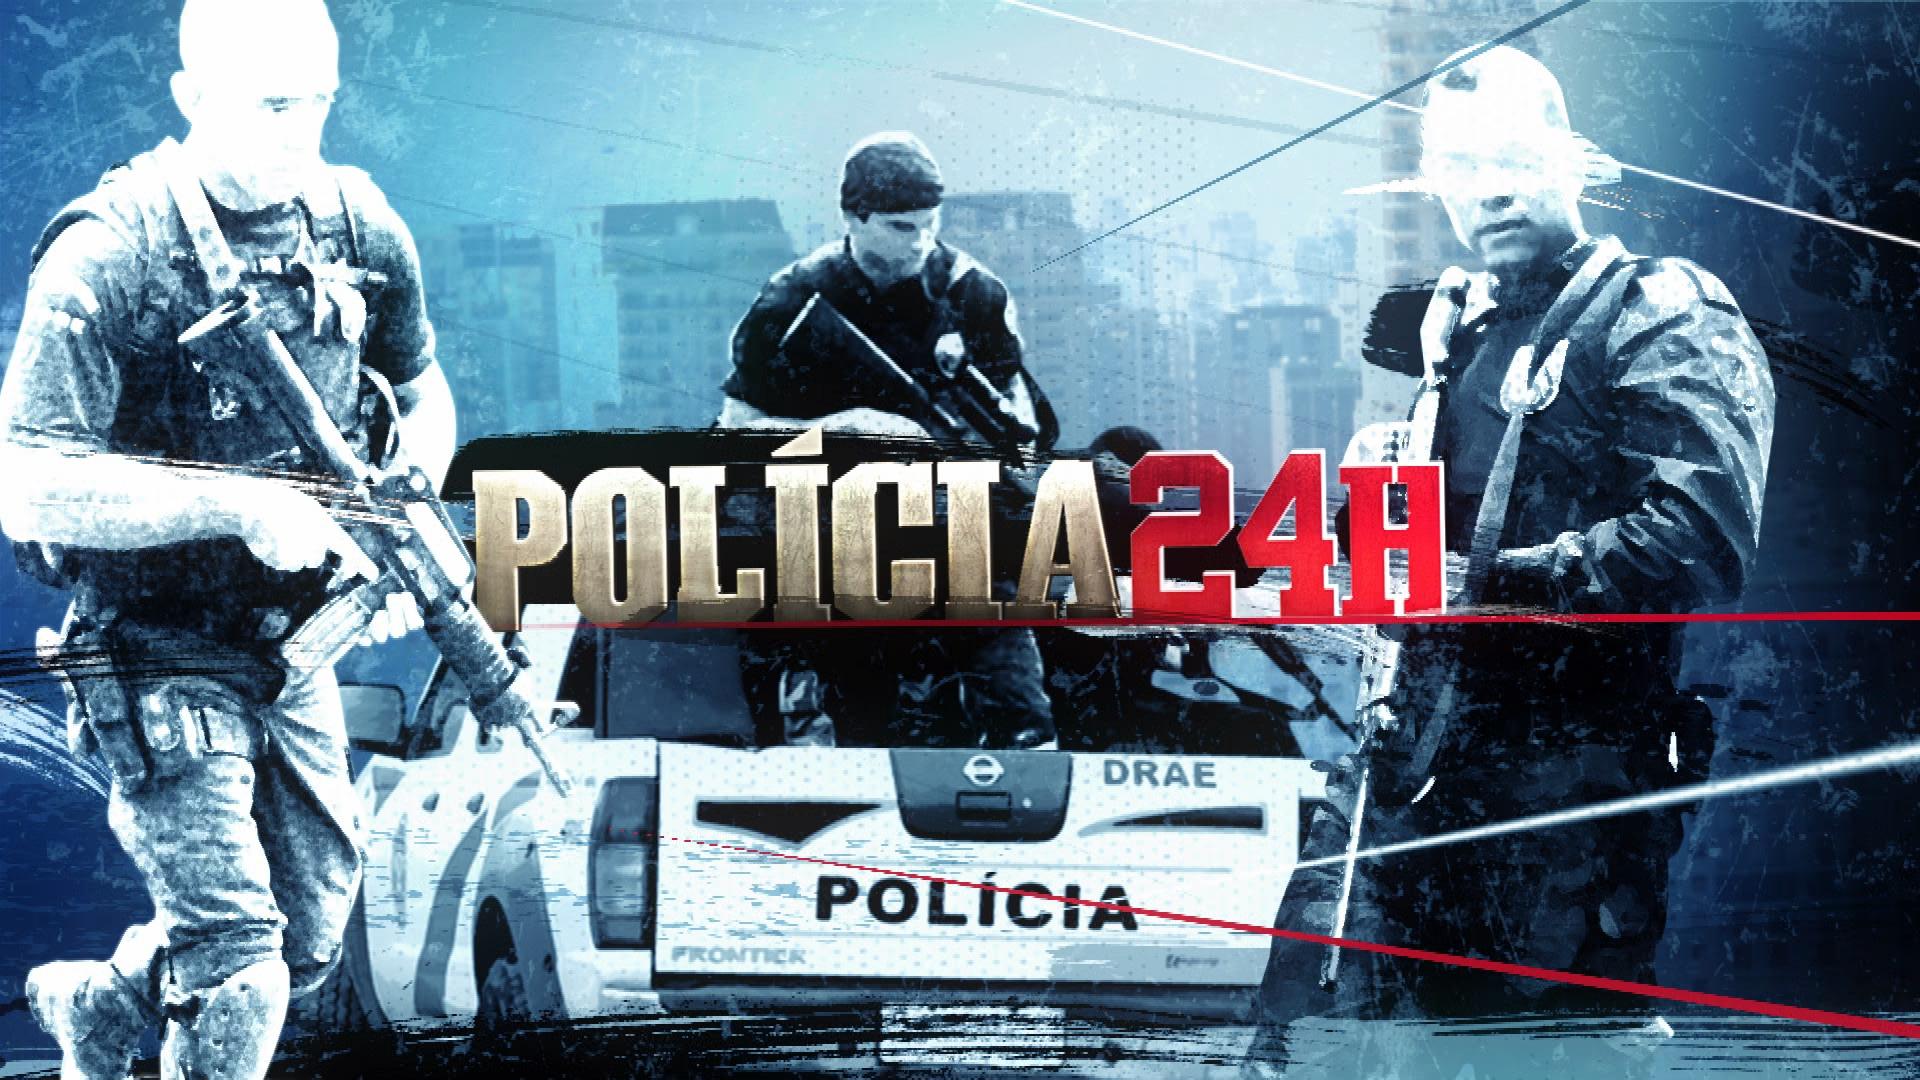 Doze câmeras são responsáveis por registrar as imagens do programa Polícia 24H